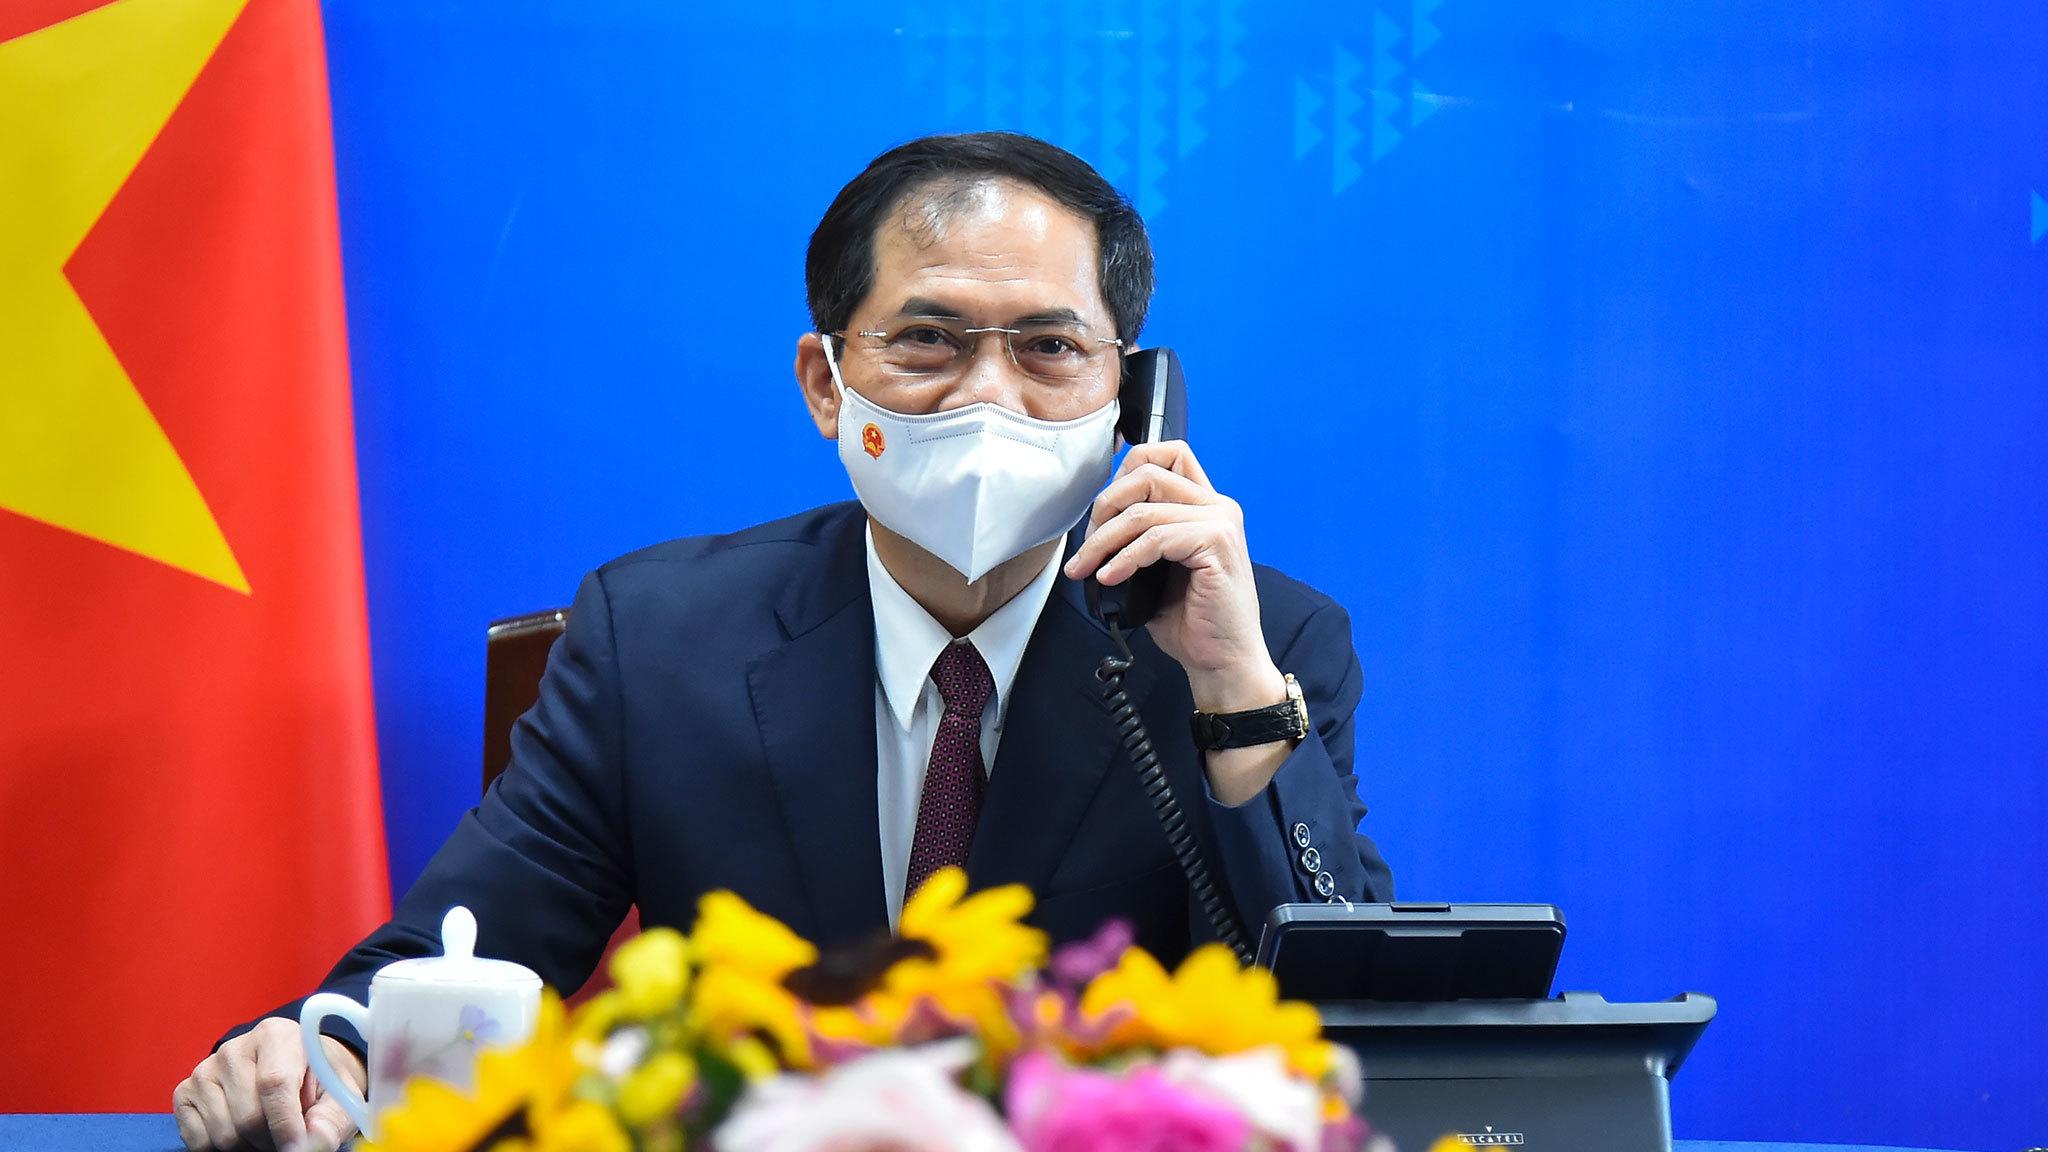 Mỹ sẽ tiếp tục hỗ trợ Việt Nam tiếp cận vắc xin Covid-19